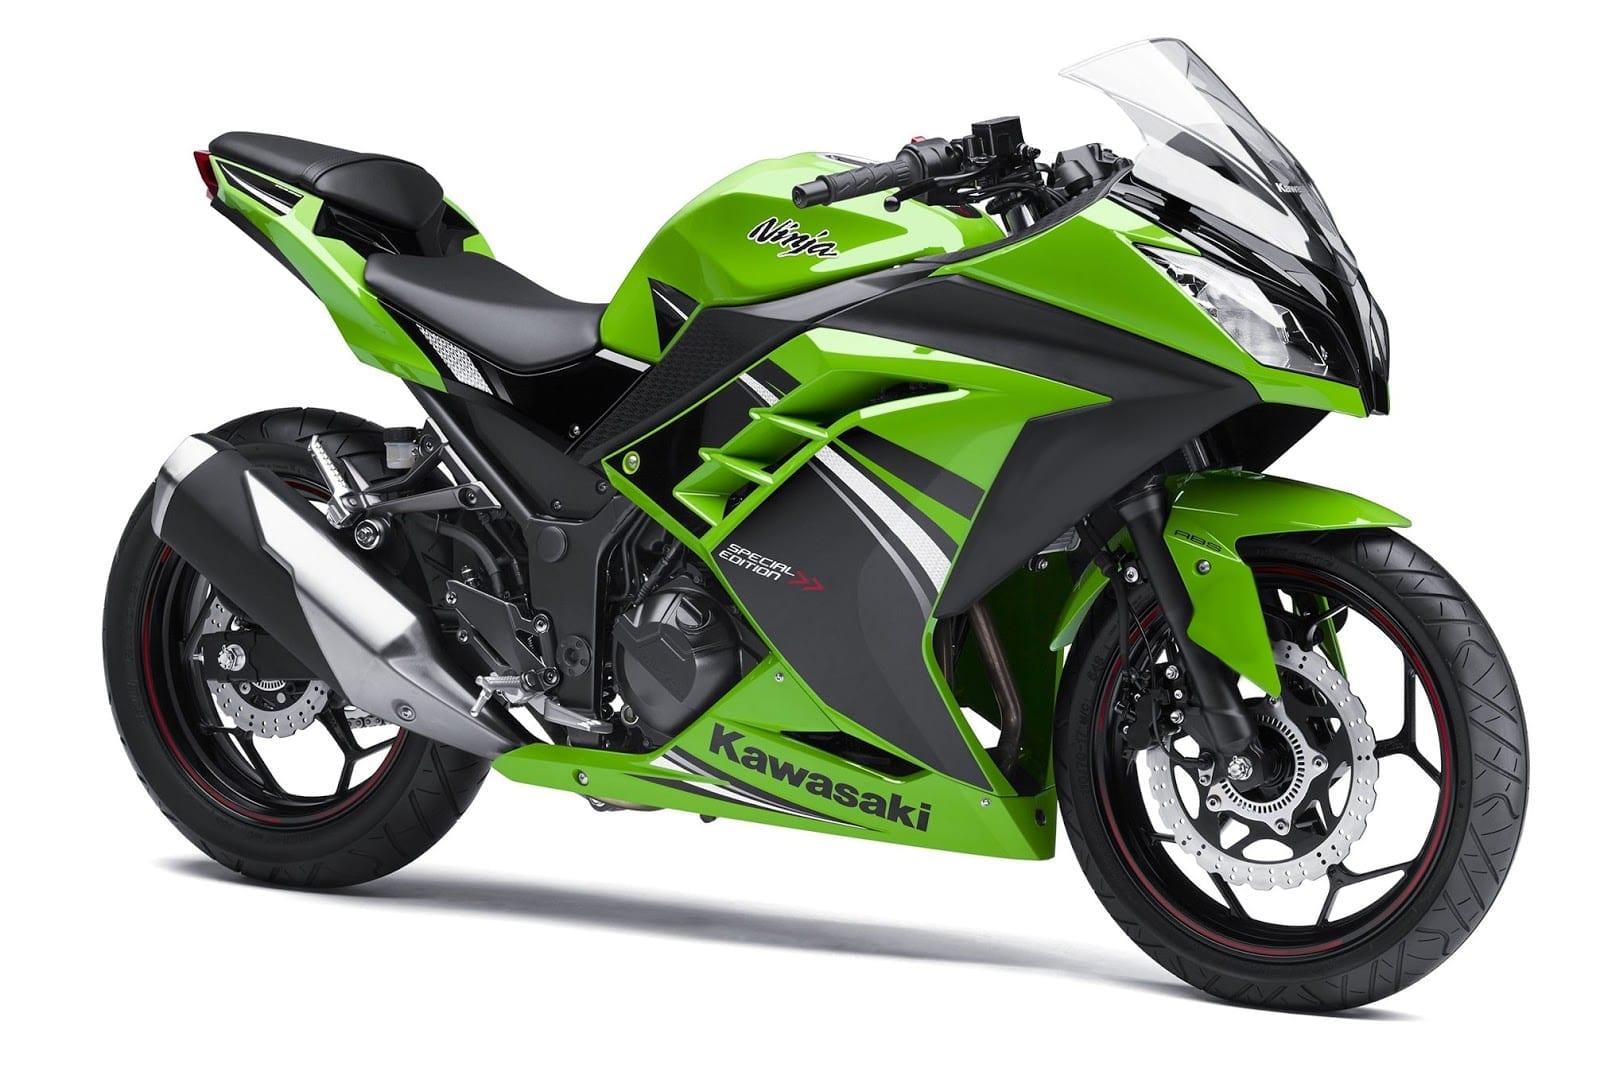 Kawasaki Ninja 1000 '11-13 on